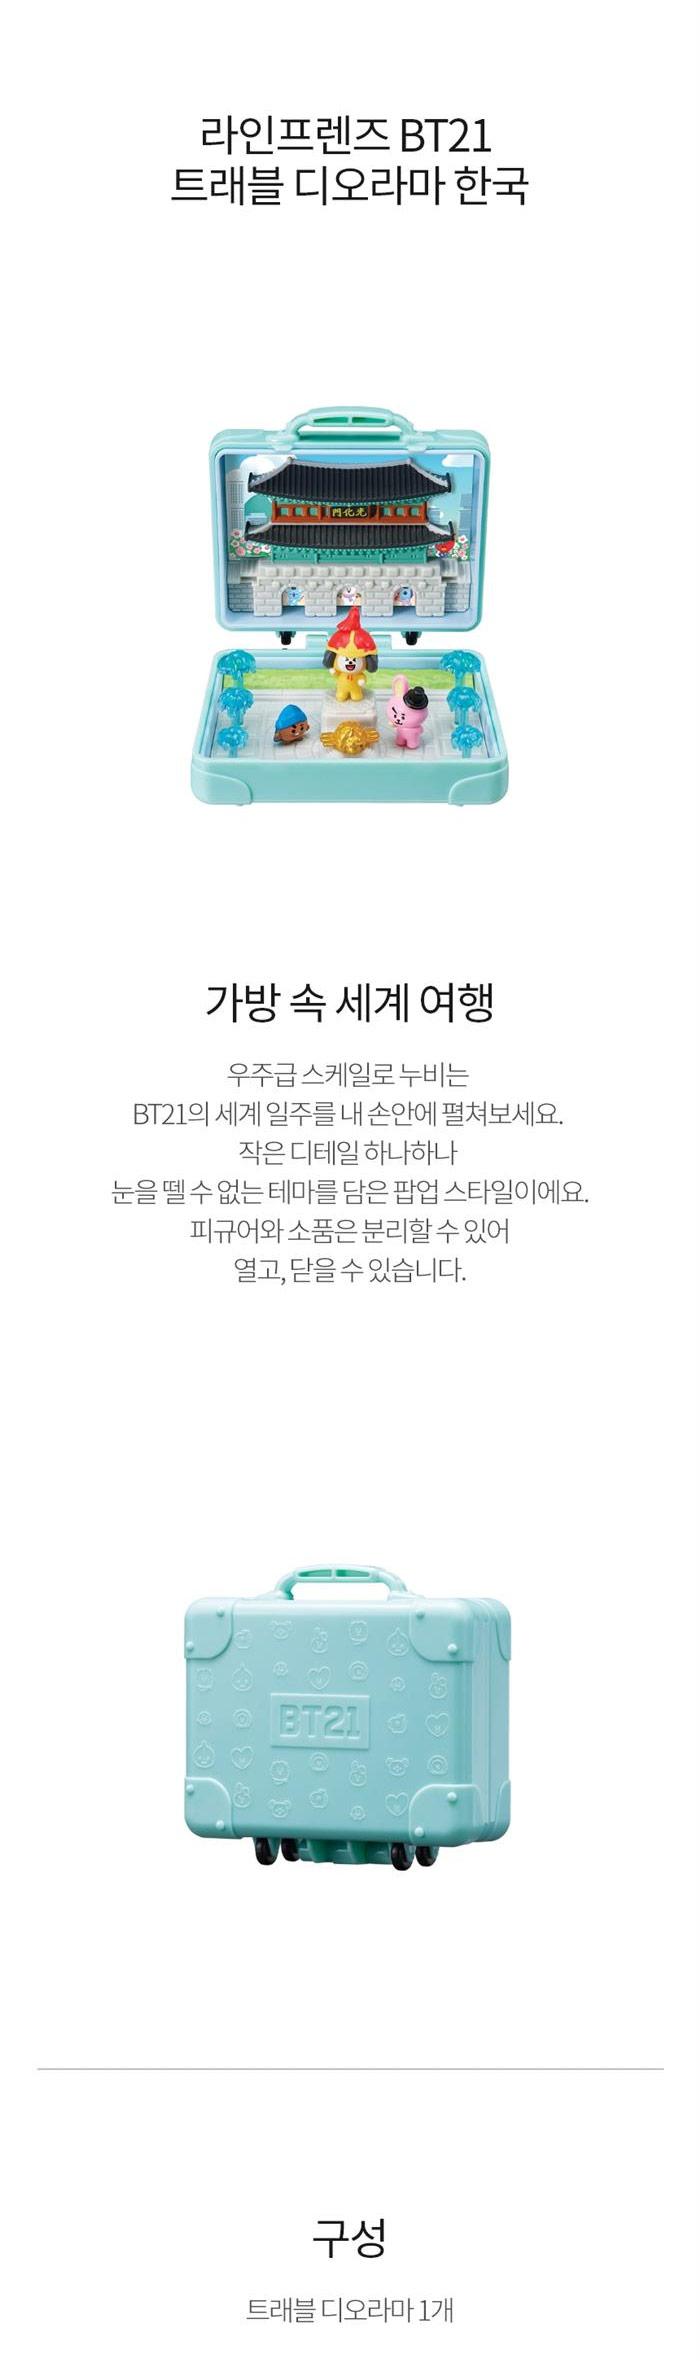 bt21_diorama_korea